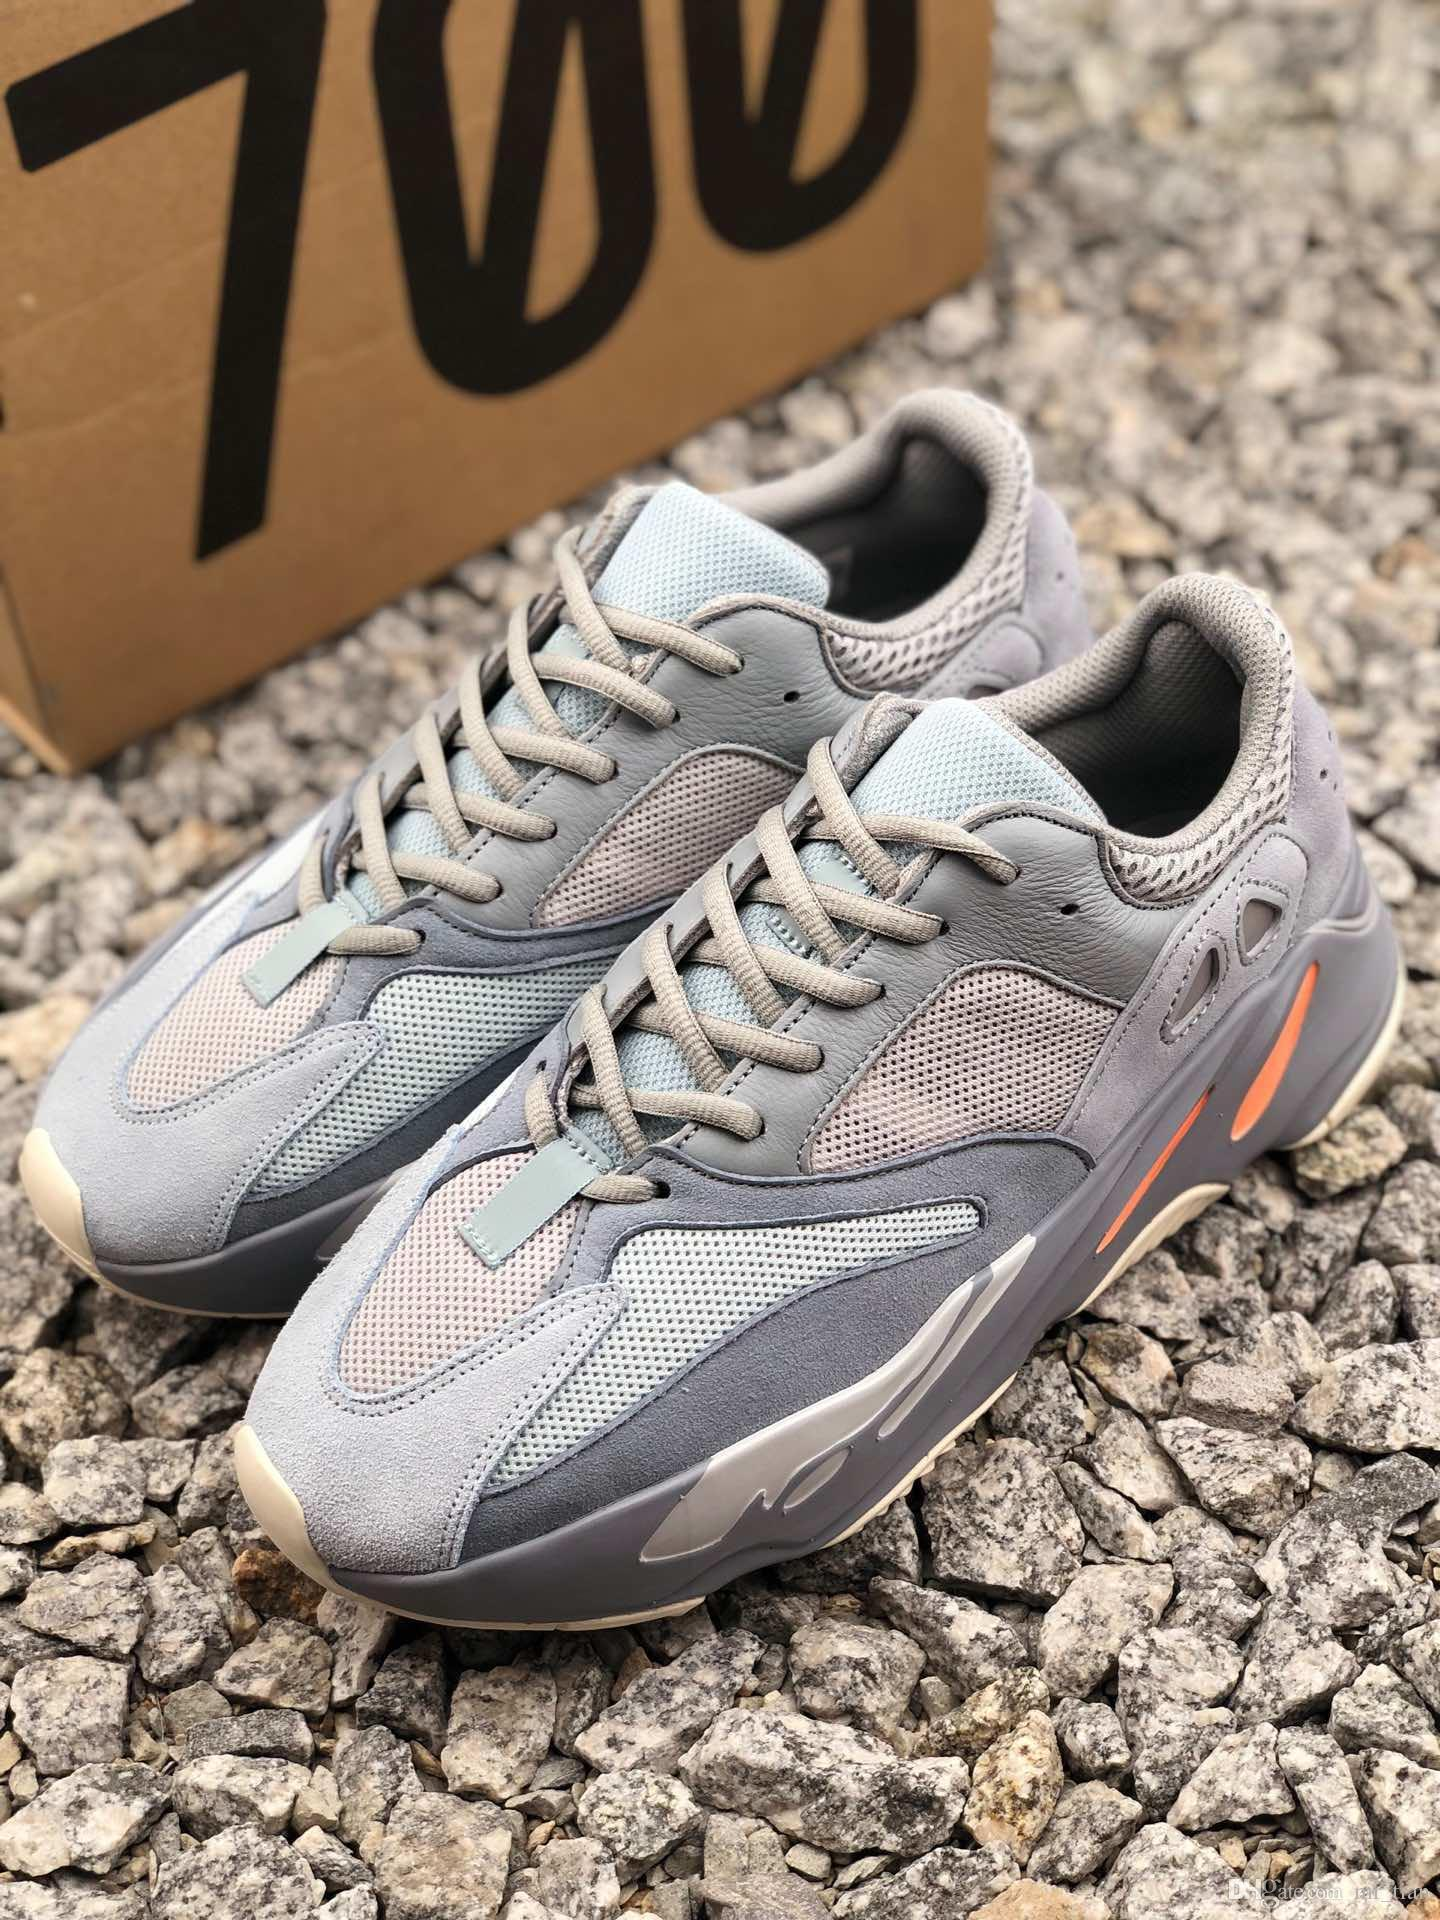 V2 46 Shoes Laufschuhe Damen Neue Salt Von Boost Modell Großhandel Turnschuhe Running B75571 Yeezy 2019 Herren Mode Euro 36 Adidas Und 700 rCoxeWEQdB